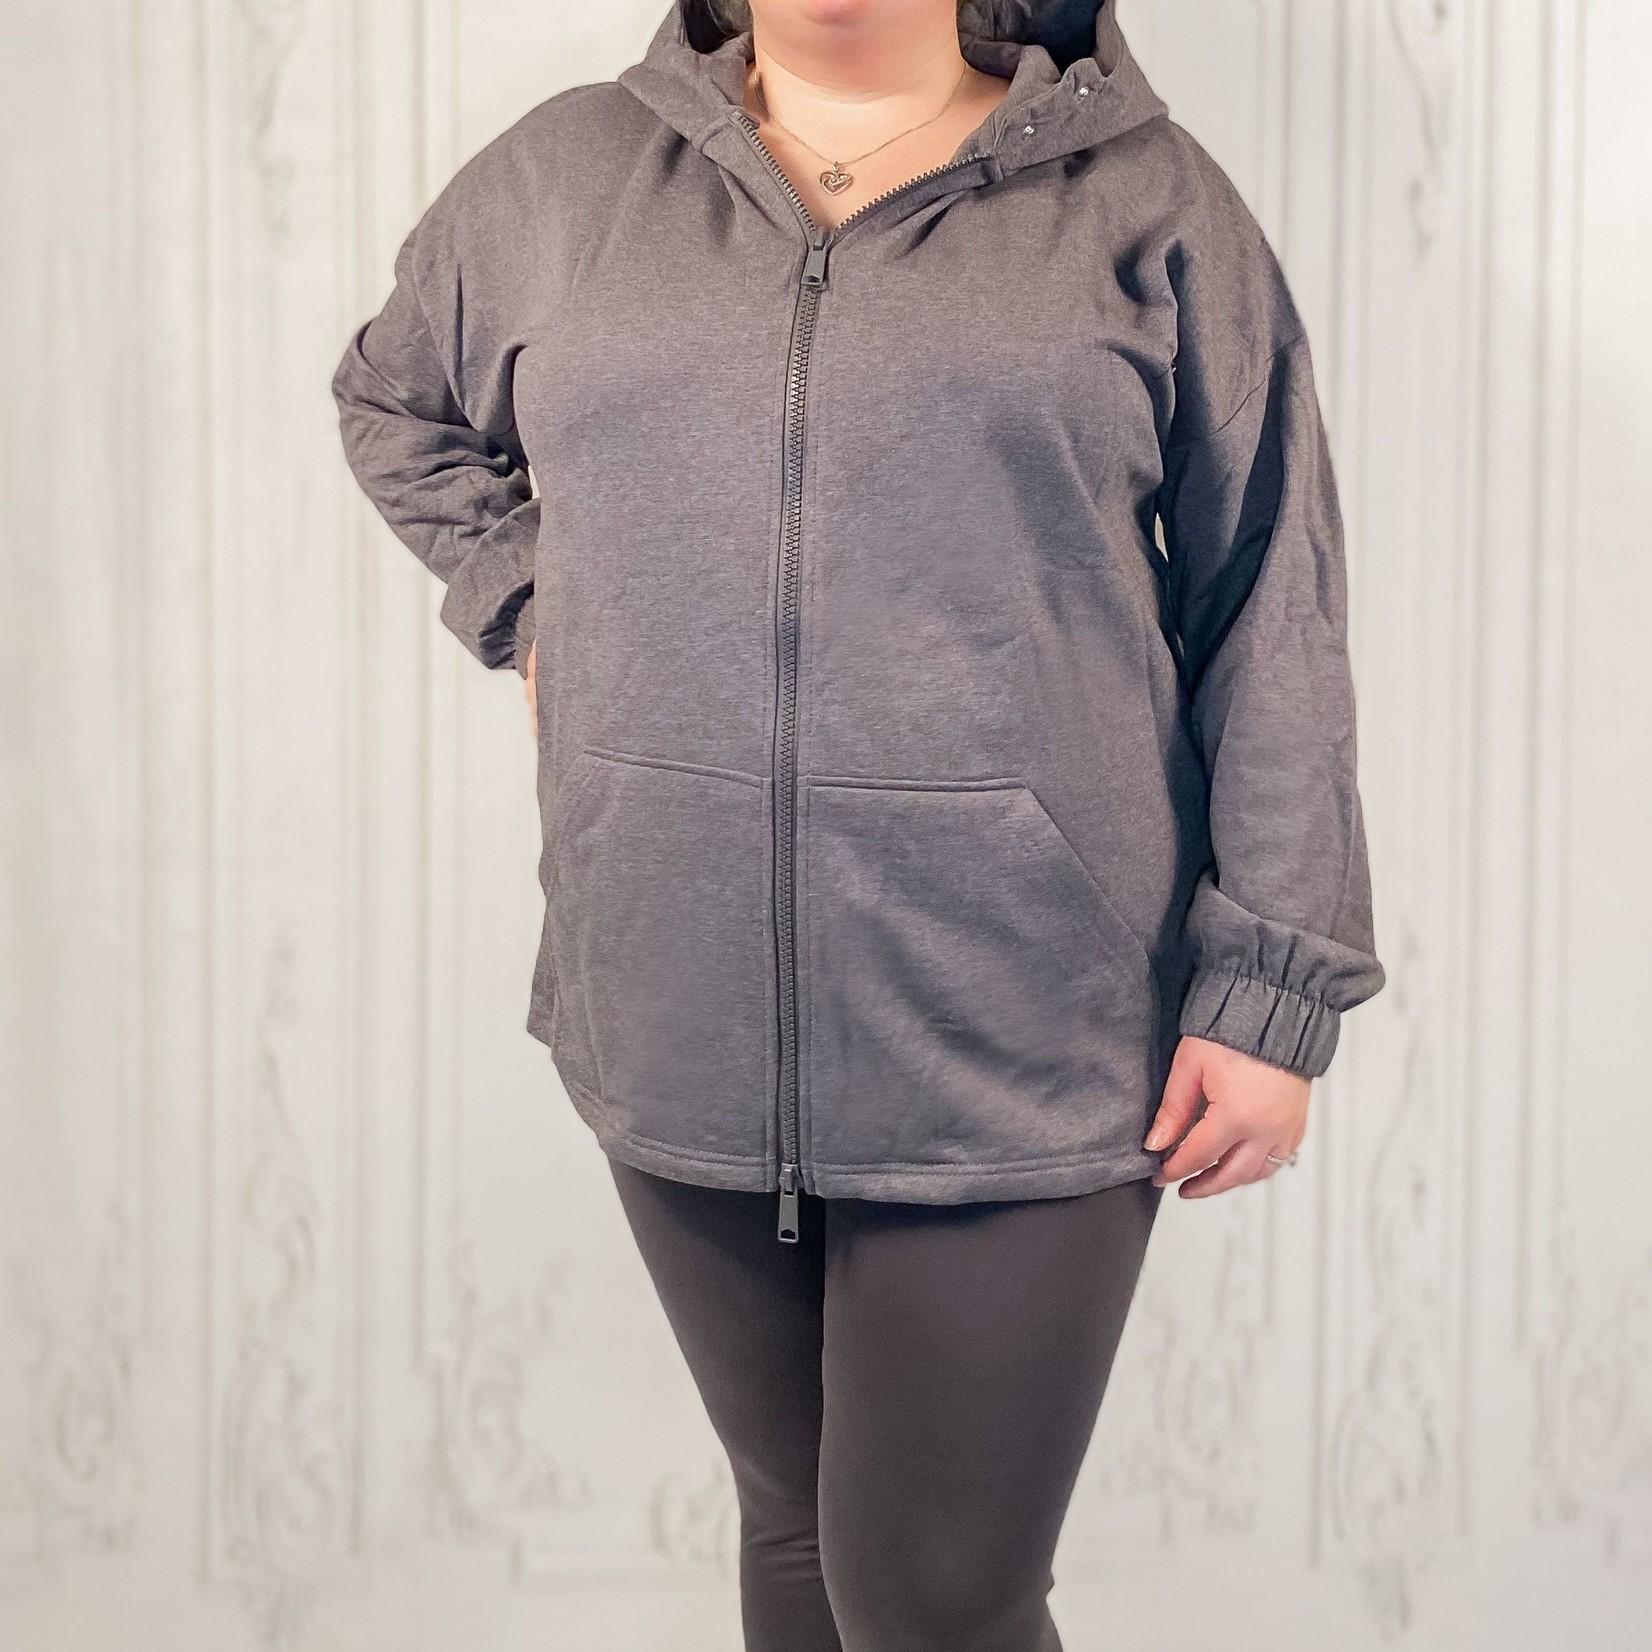 zenana - Zeta curvy zip up hoodie